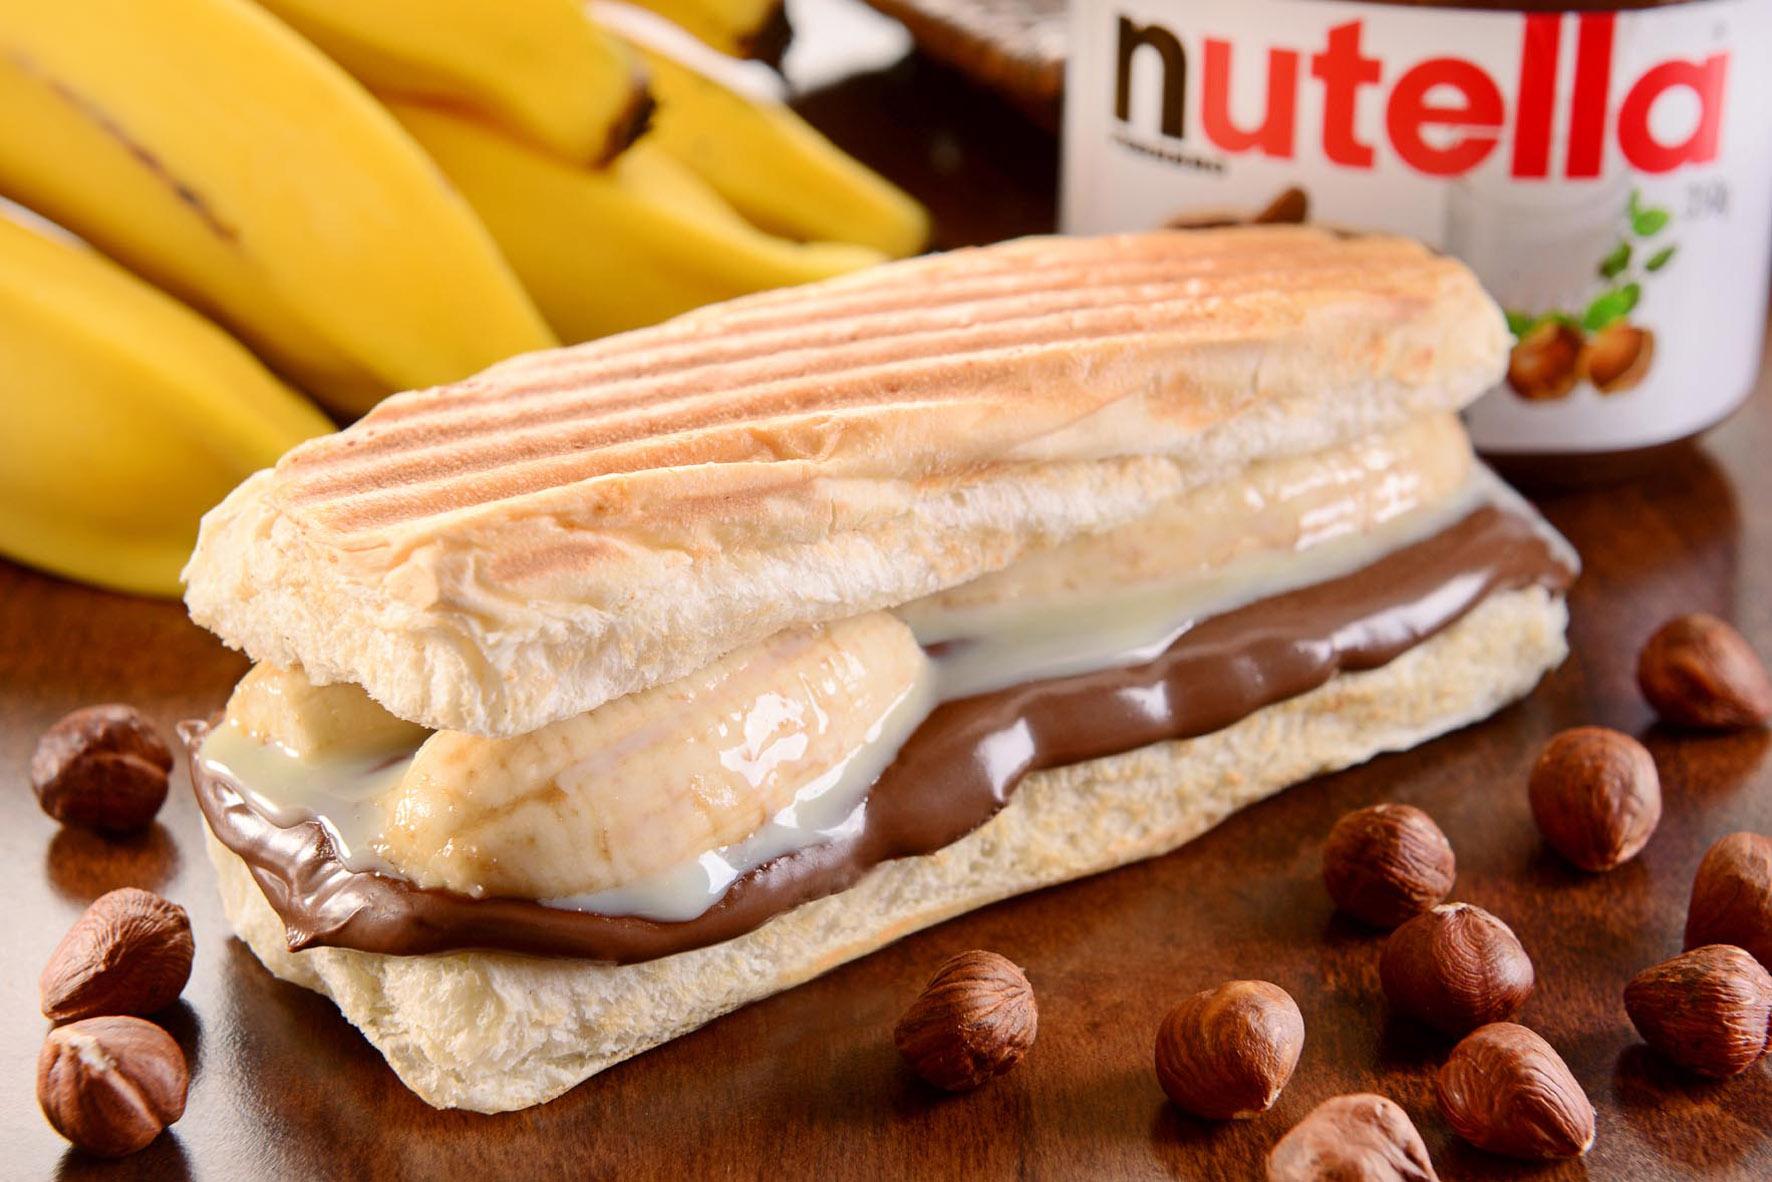 Prensado banana, nutella e eleite condensado - Au-Au Lanches